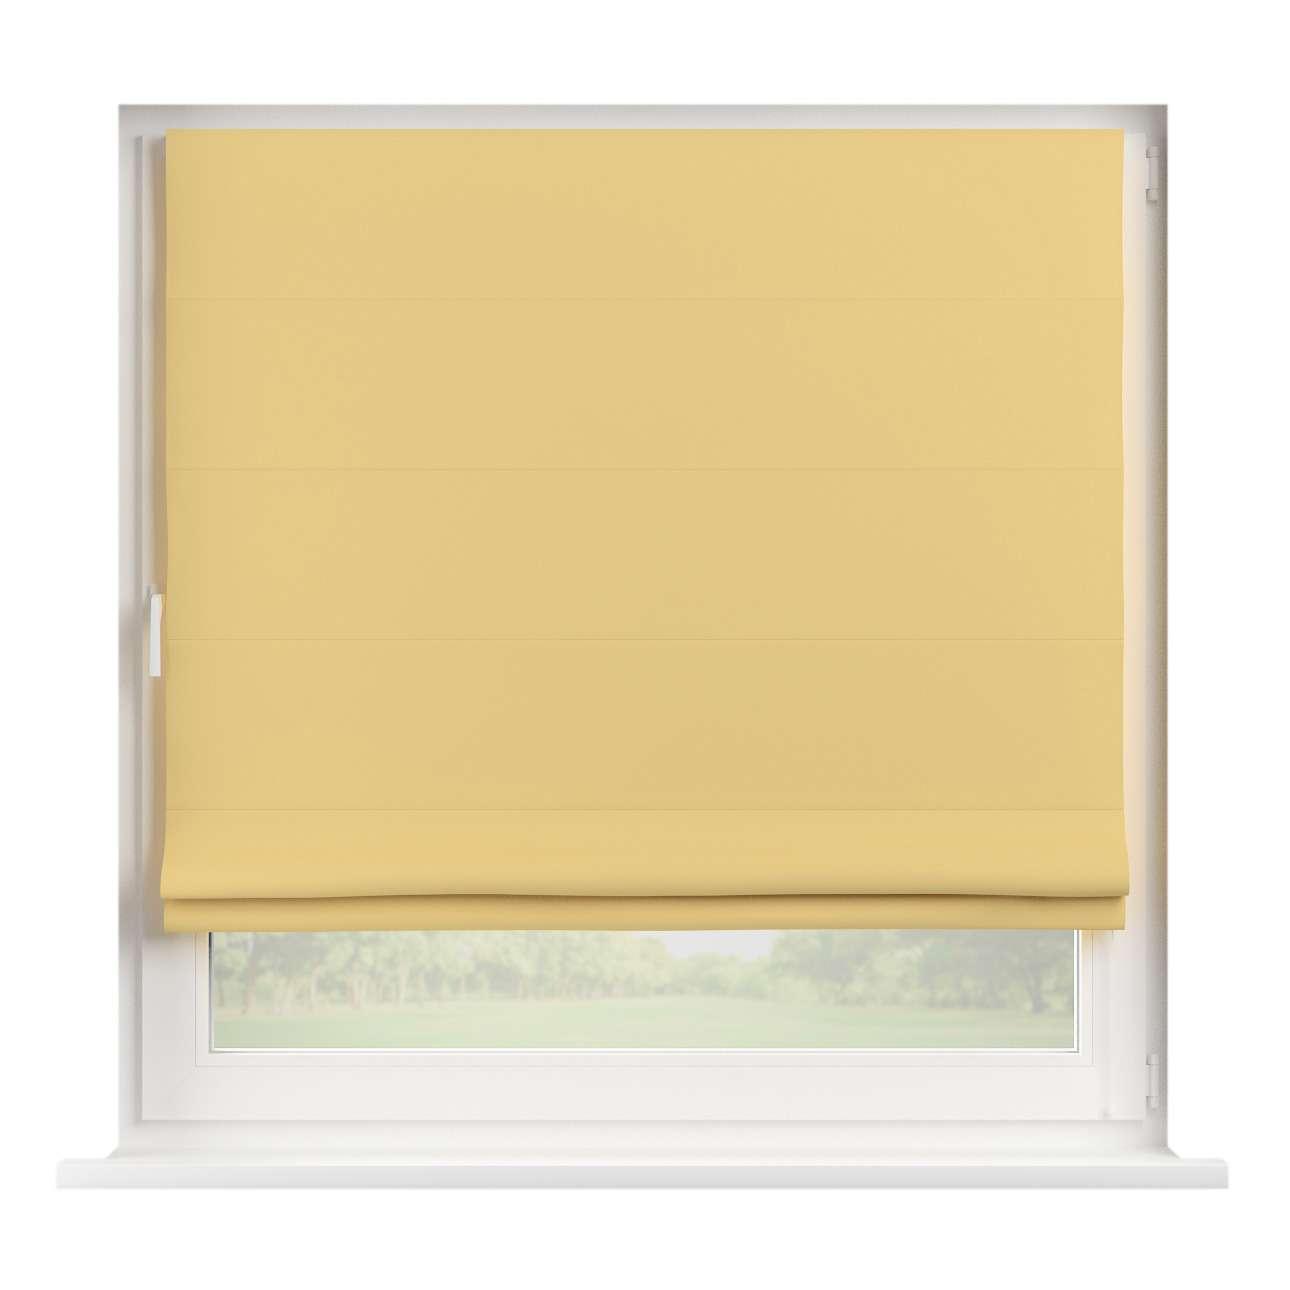 Verdunklungsraffrollo 80 x 170 cm von der Kollektion Blackout (verdunkelnd), Stoff: 269-12